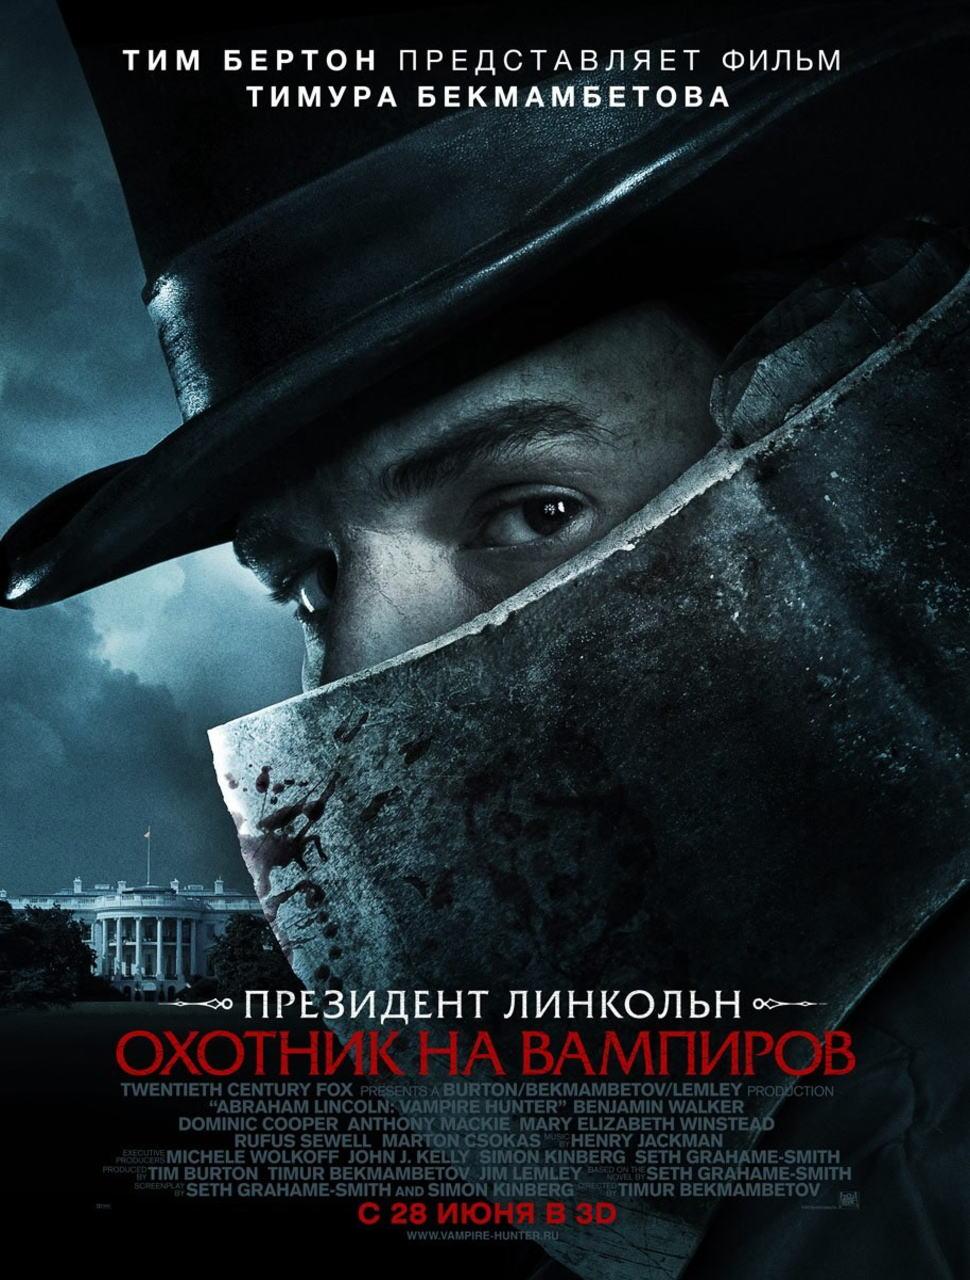 映画『リンカーン/秘密の書 ABRAHAM LINCOLN: VAMPIRE HUNTER』ポスター(4)▼ポスター画像クリックで拡大します。